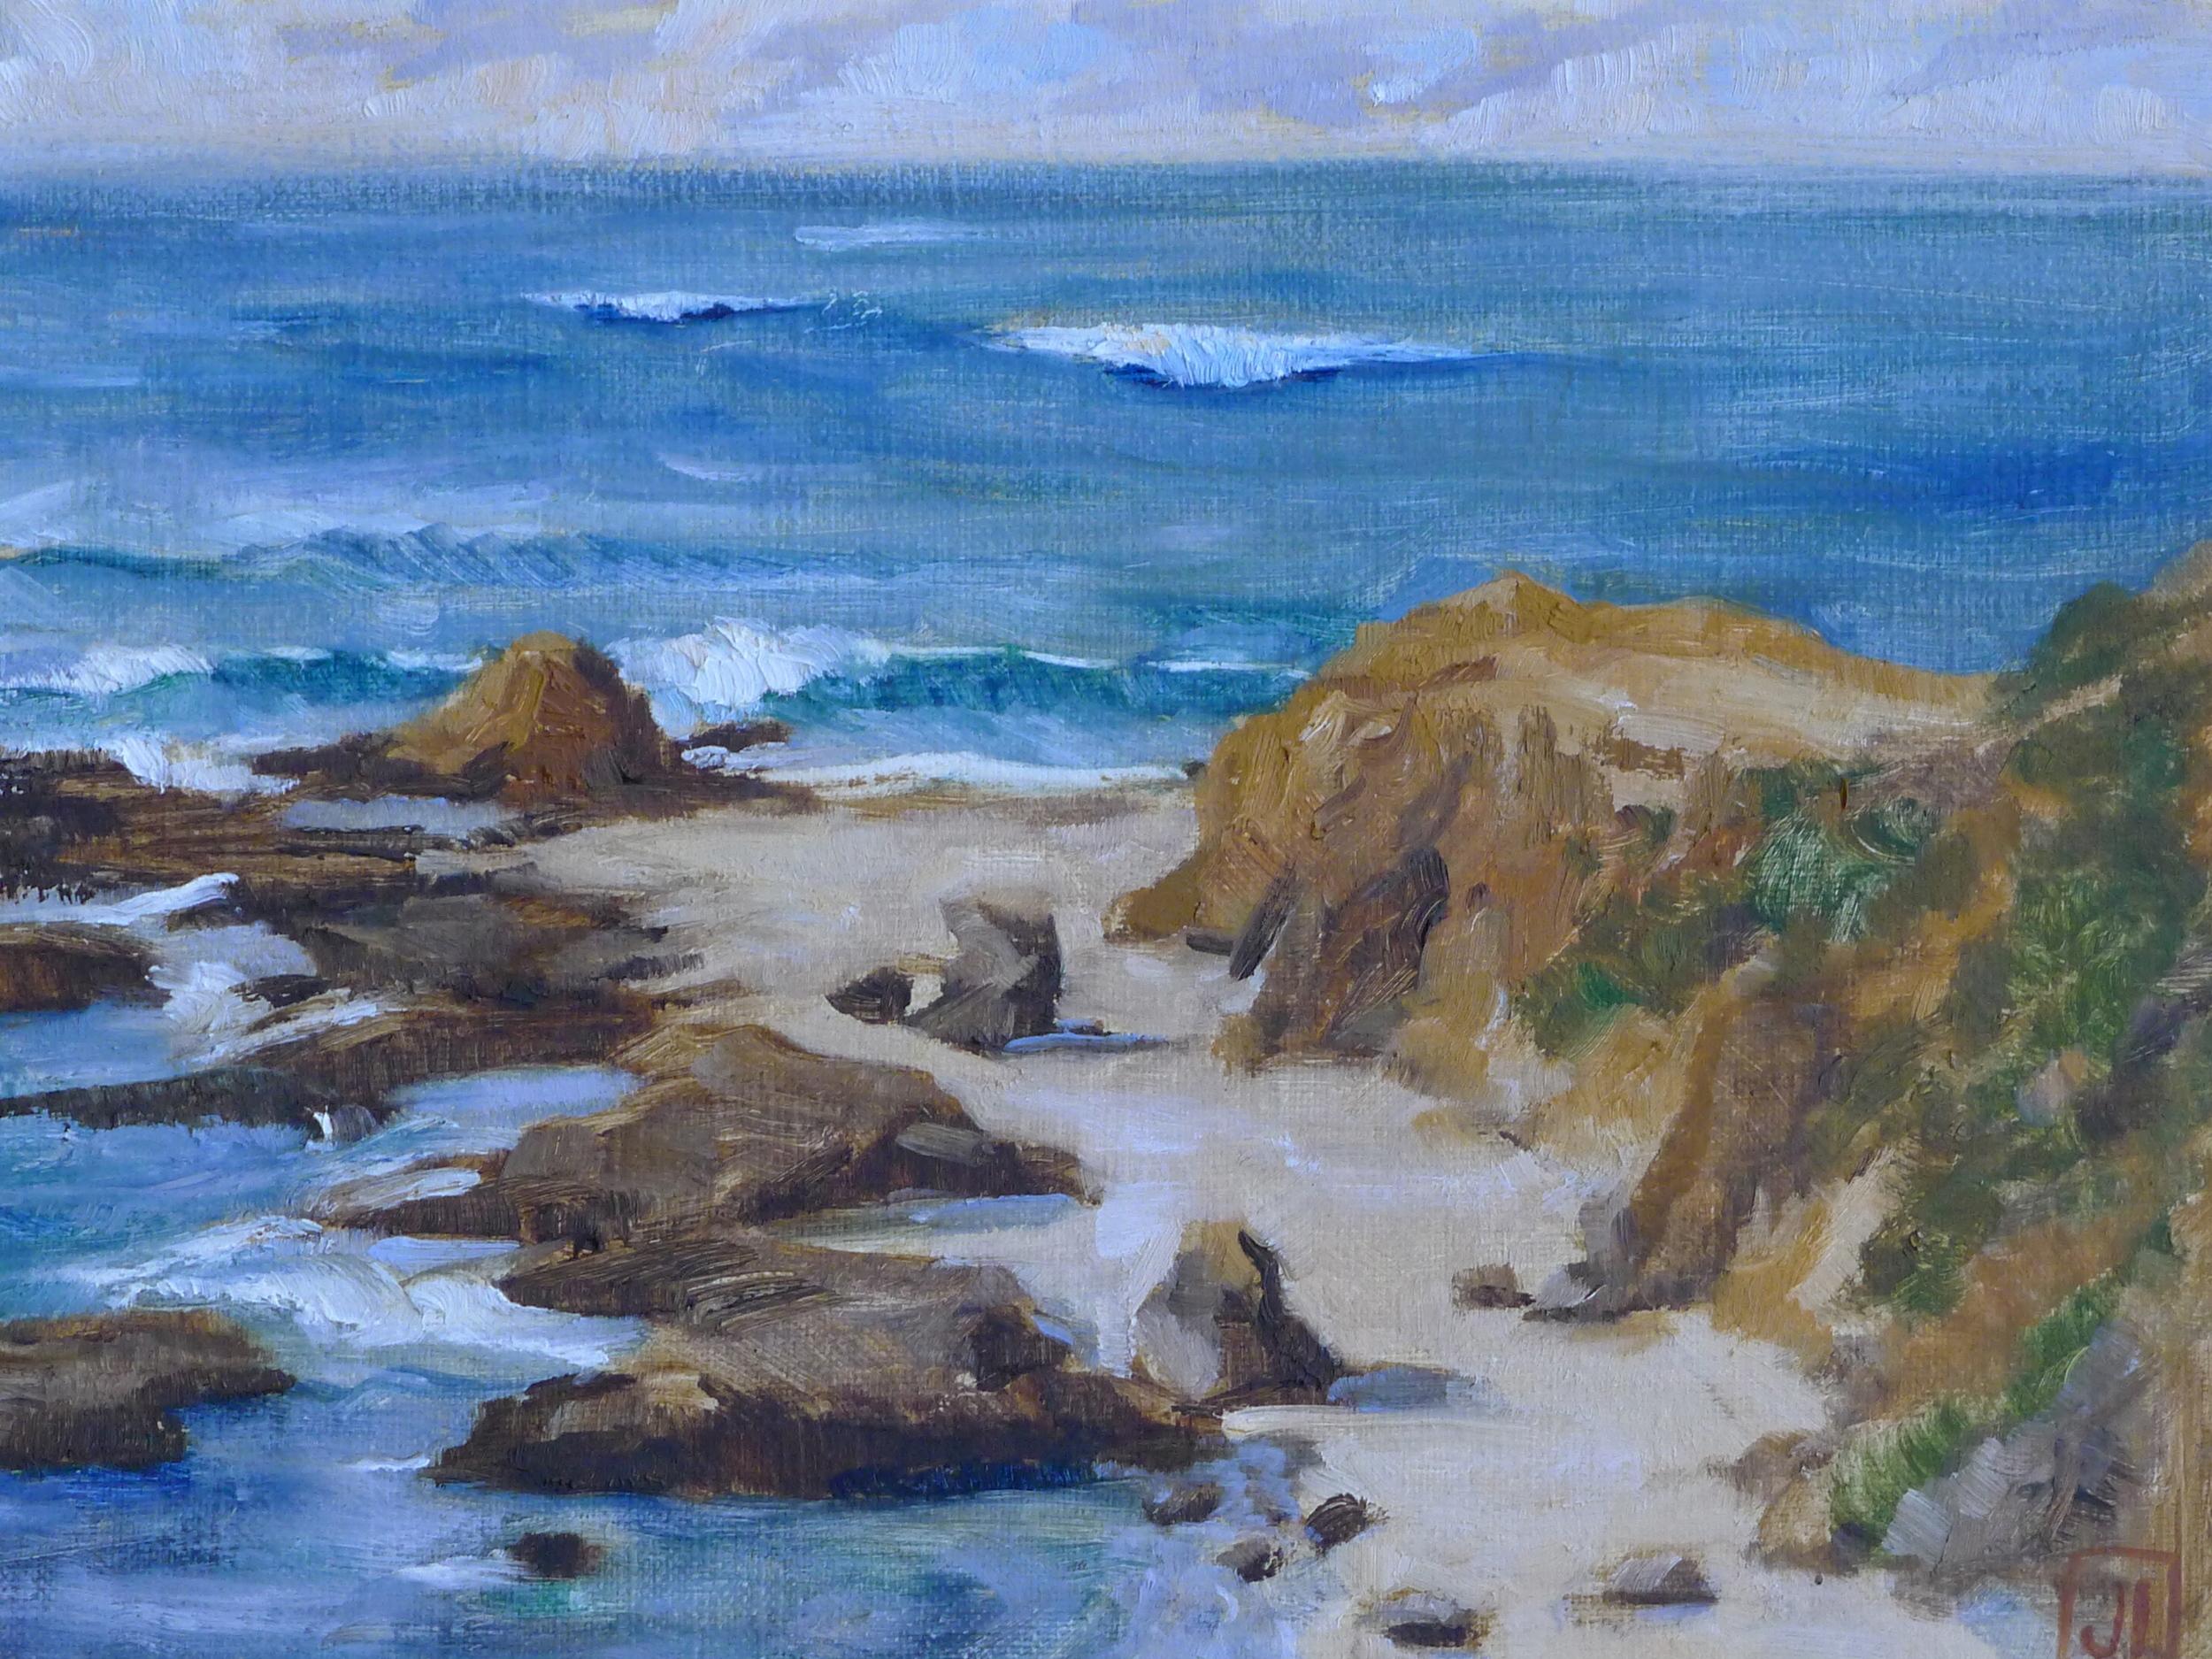 Molera Point Beach